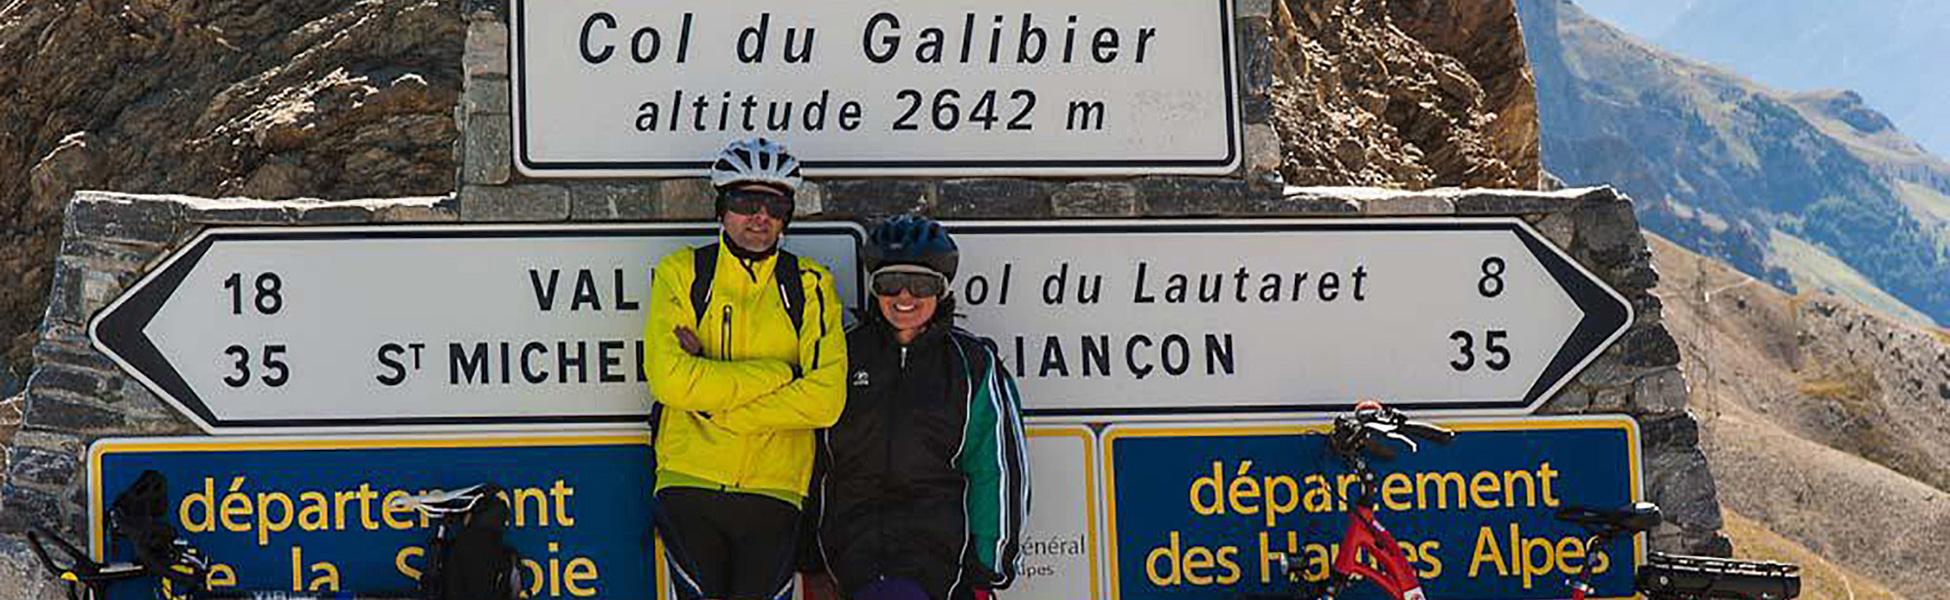 Über die Alpen mit dem Mietrad - c . Jäger